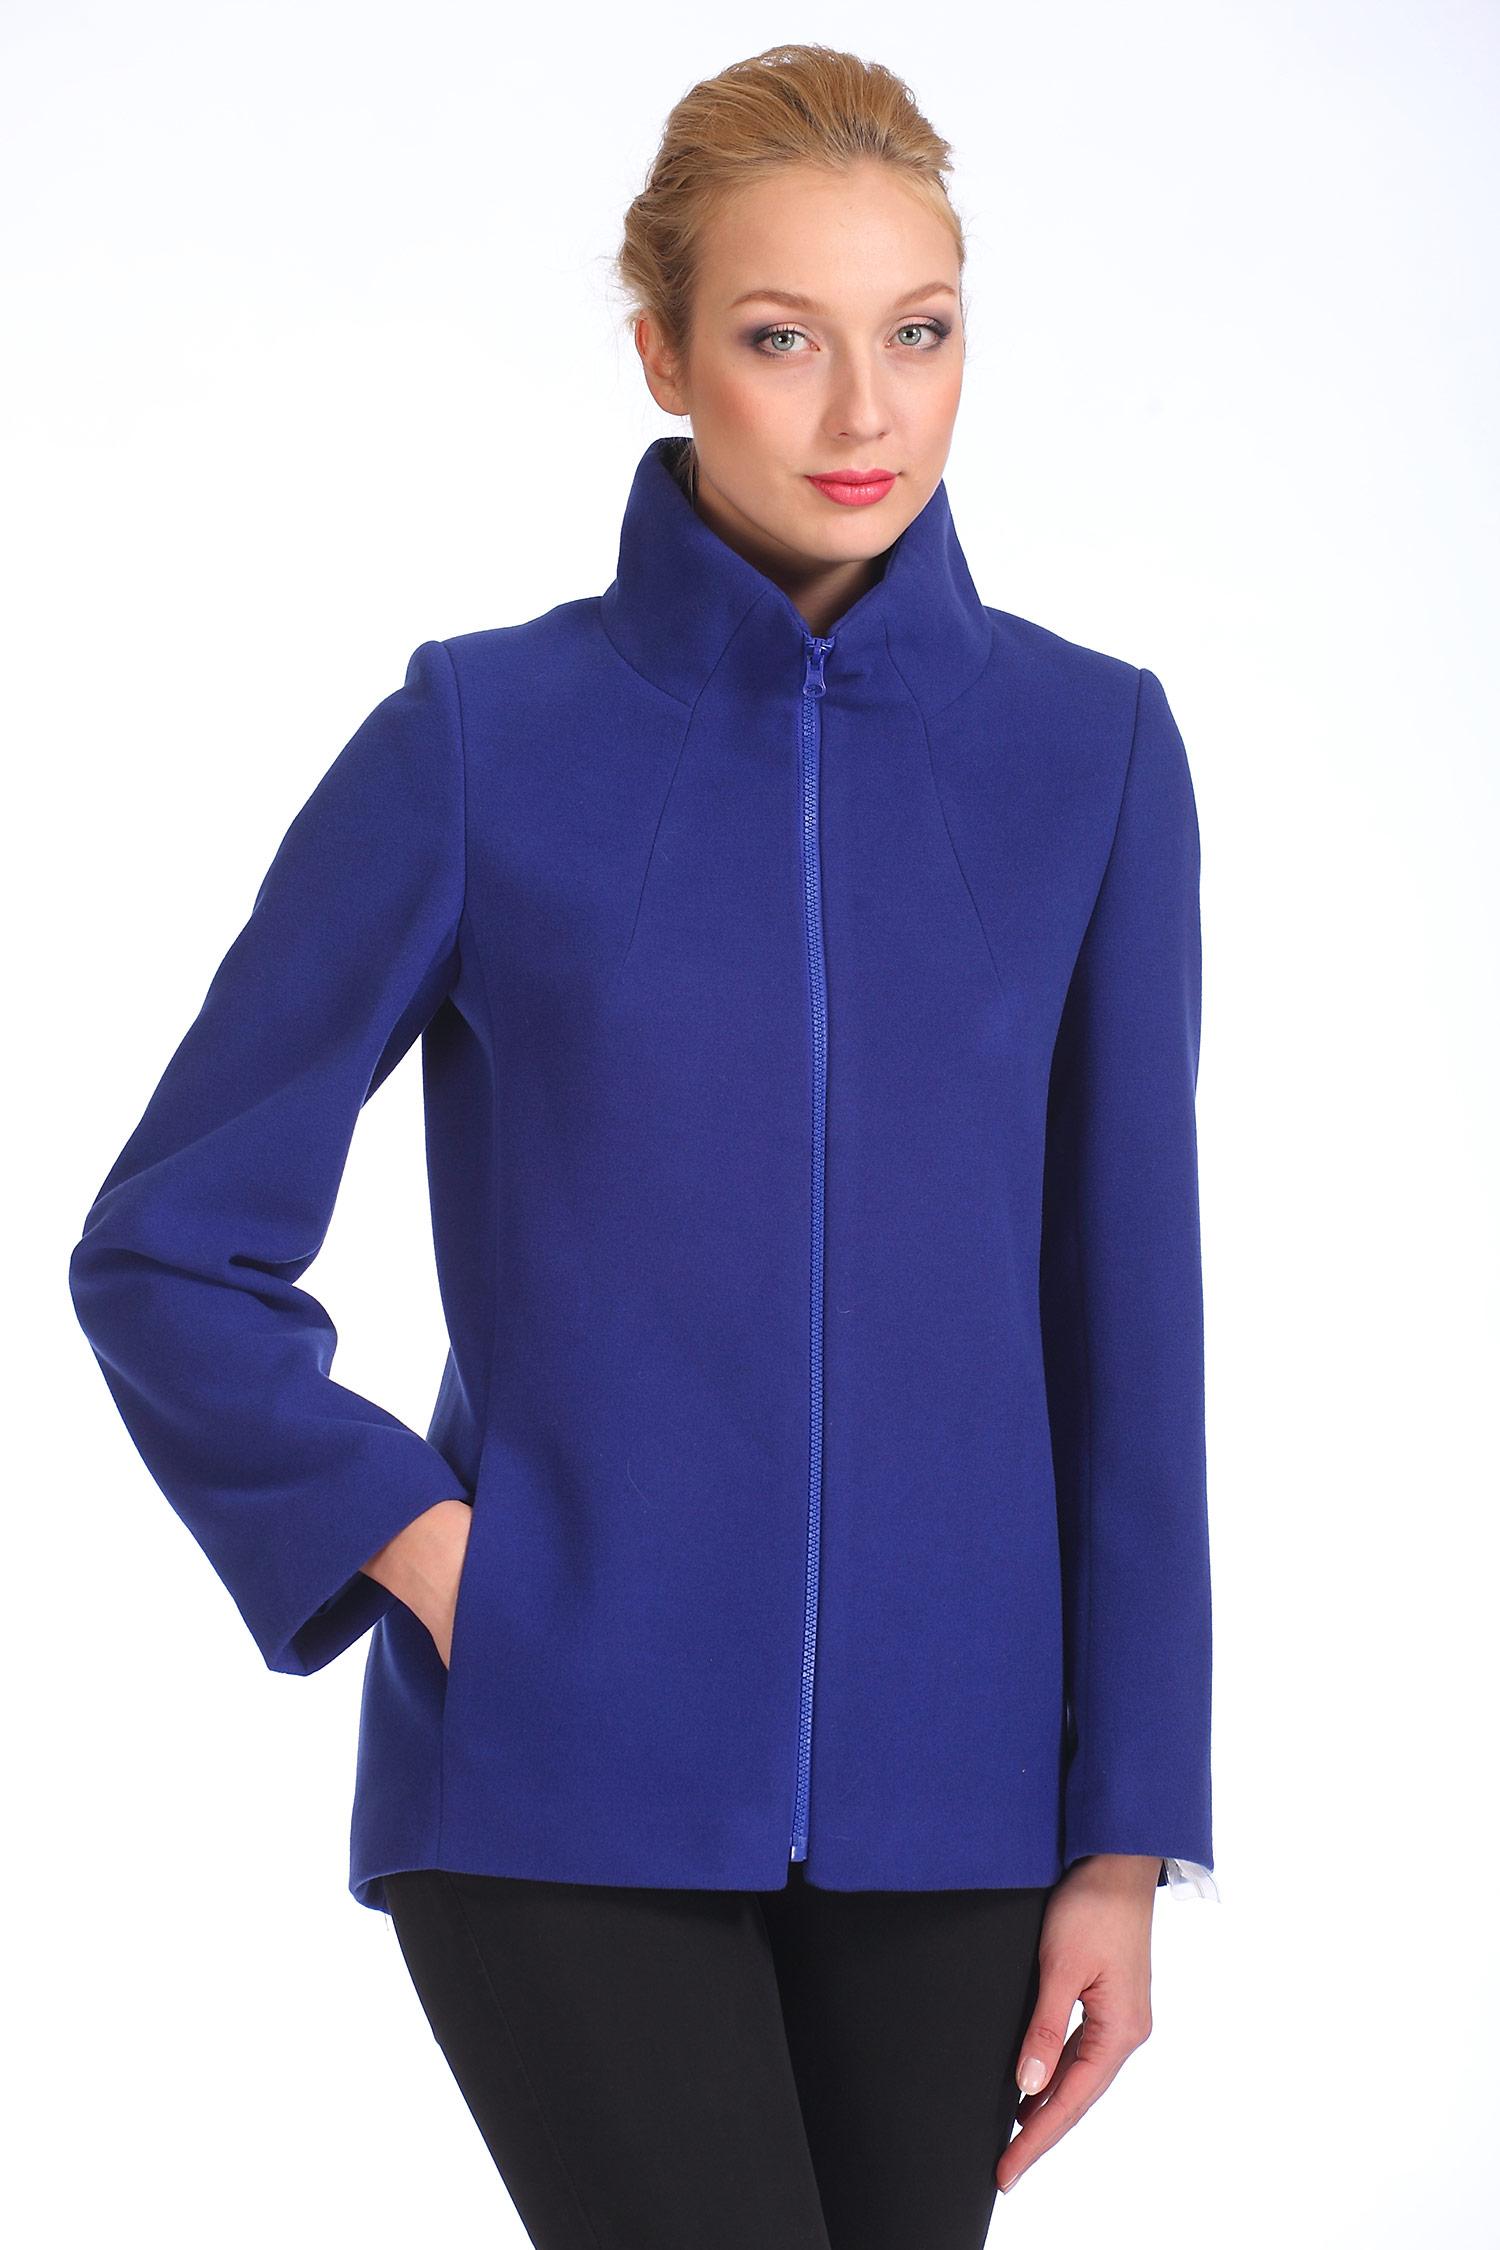 Женское пальто с воротником, без отделки<br><br>Воротник: стойка<br>Длина см: Короткая (51-74 )<br>Материал: Комбинированный состав<br>Цвет: синий<br>Вид застежки: центральная<br>Застежка: на молнии<br>Пол: Женский<br>Размер RU: 50